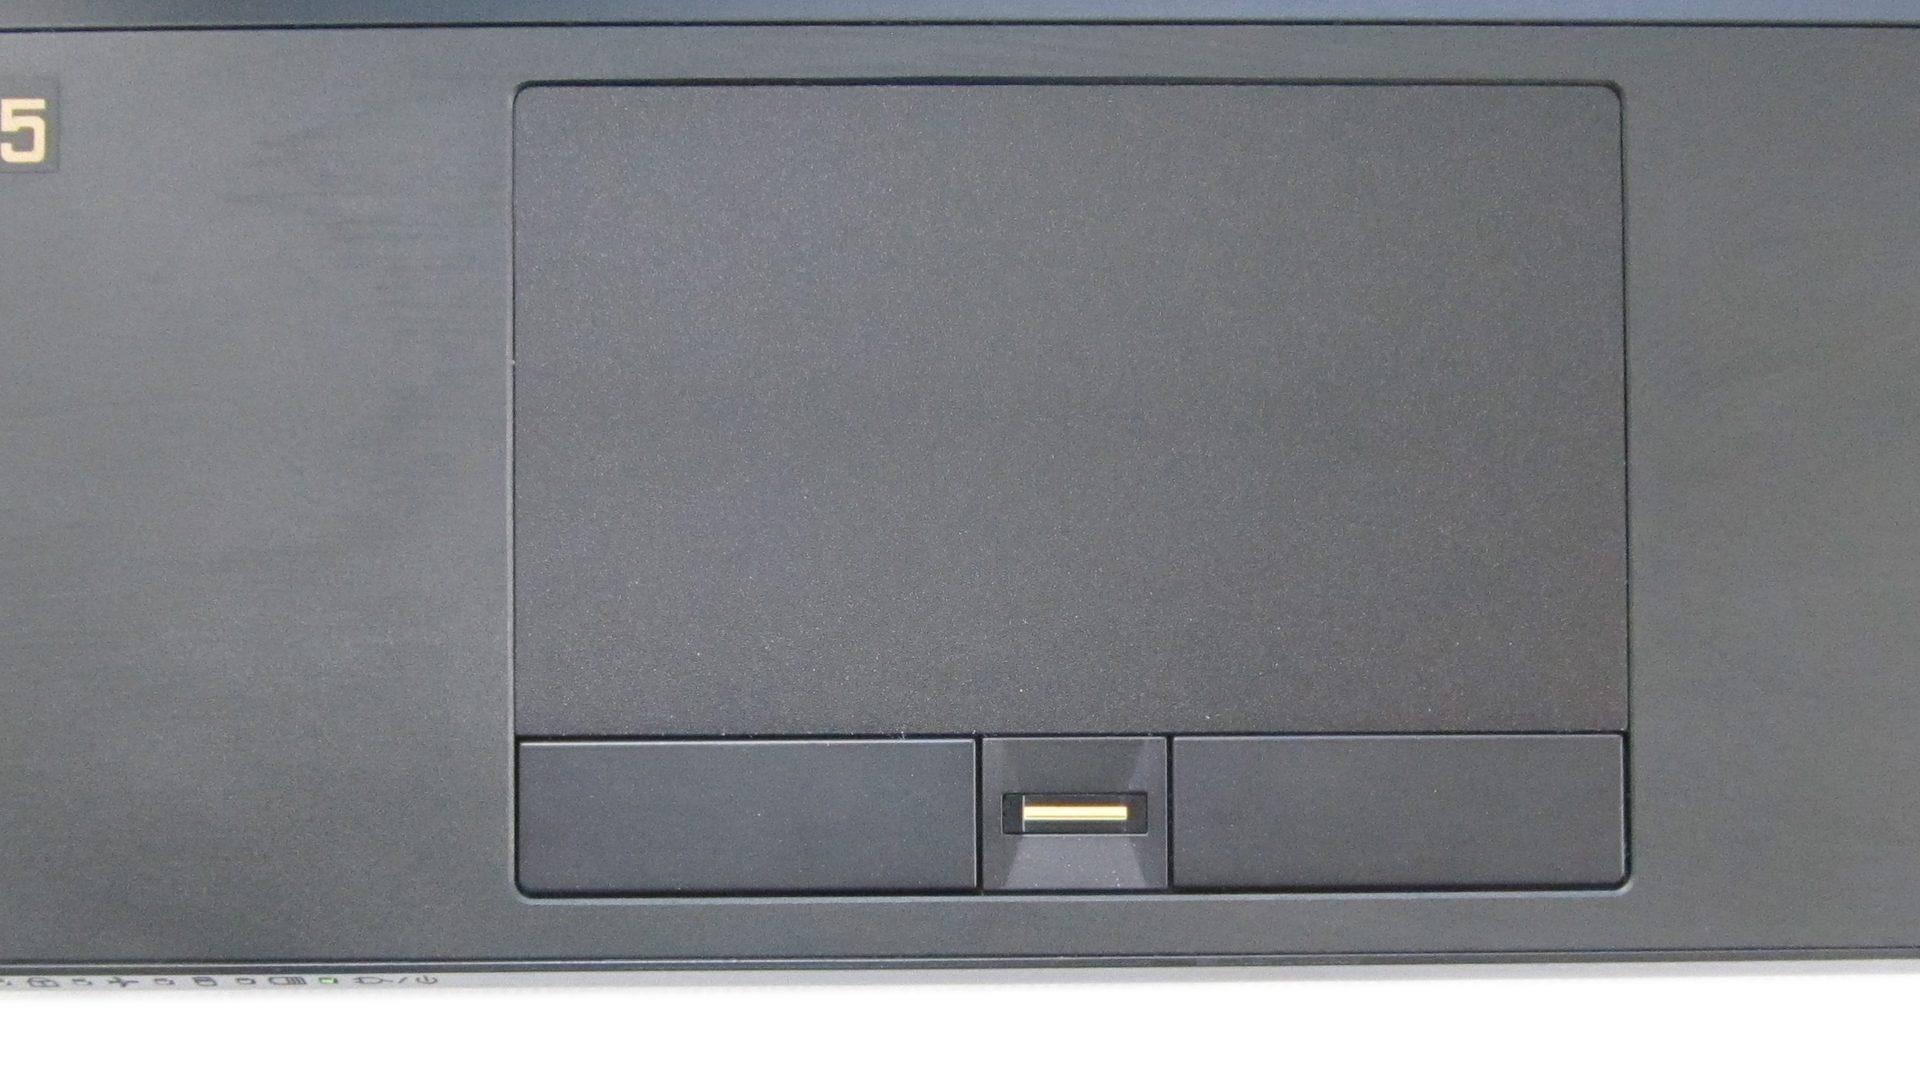 schenkerxmg_p507_tastatur_5